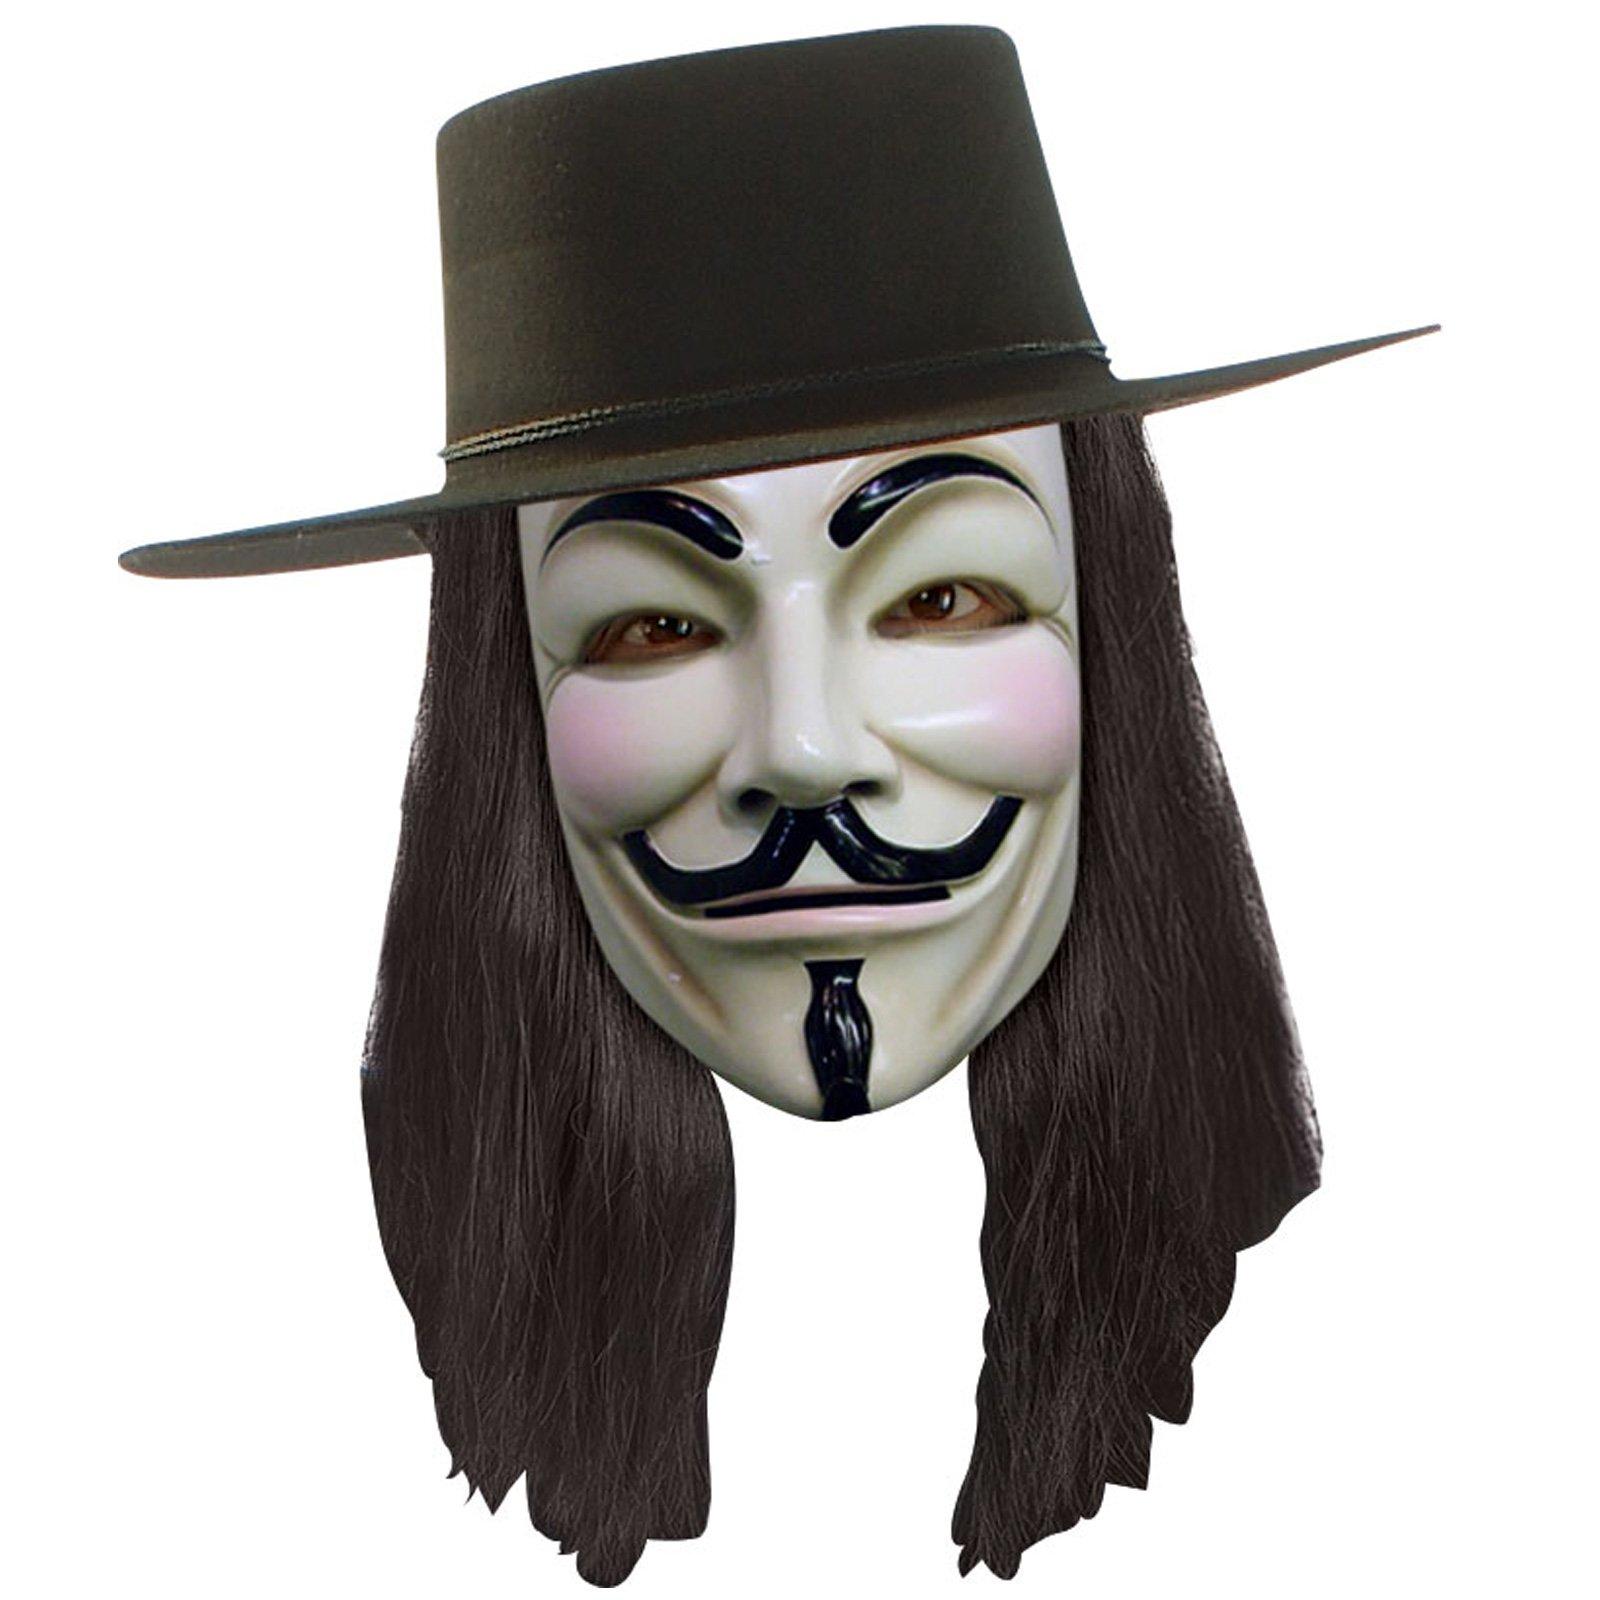 v-mask